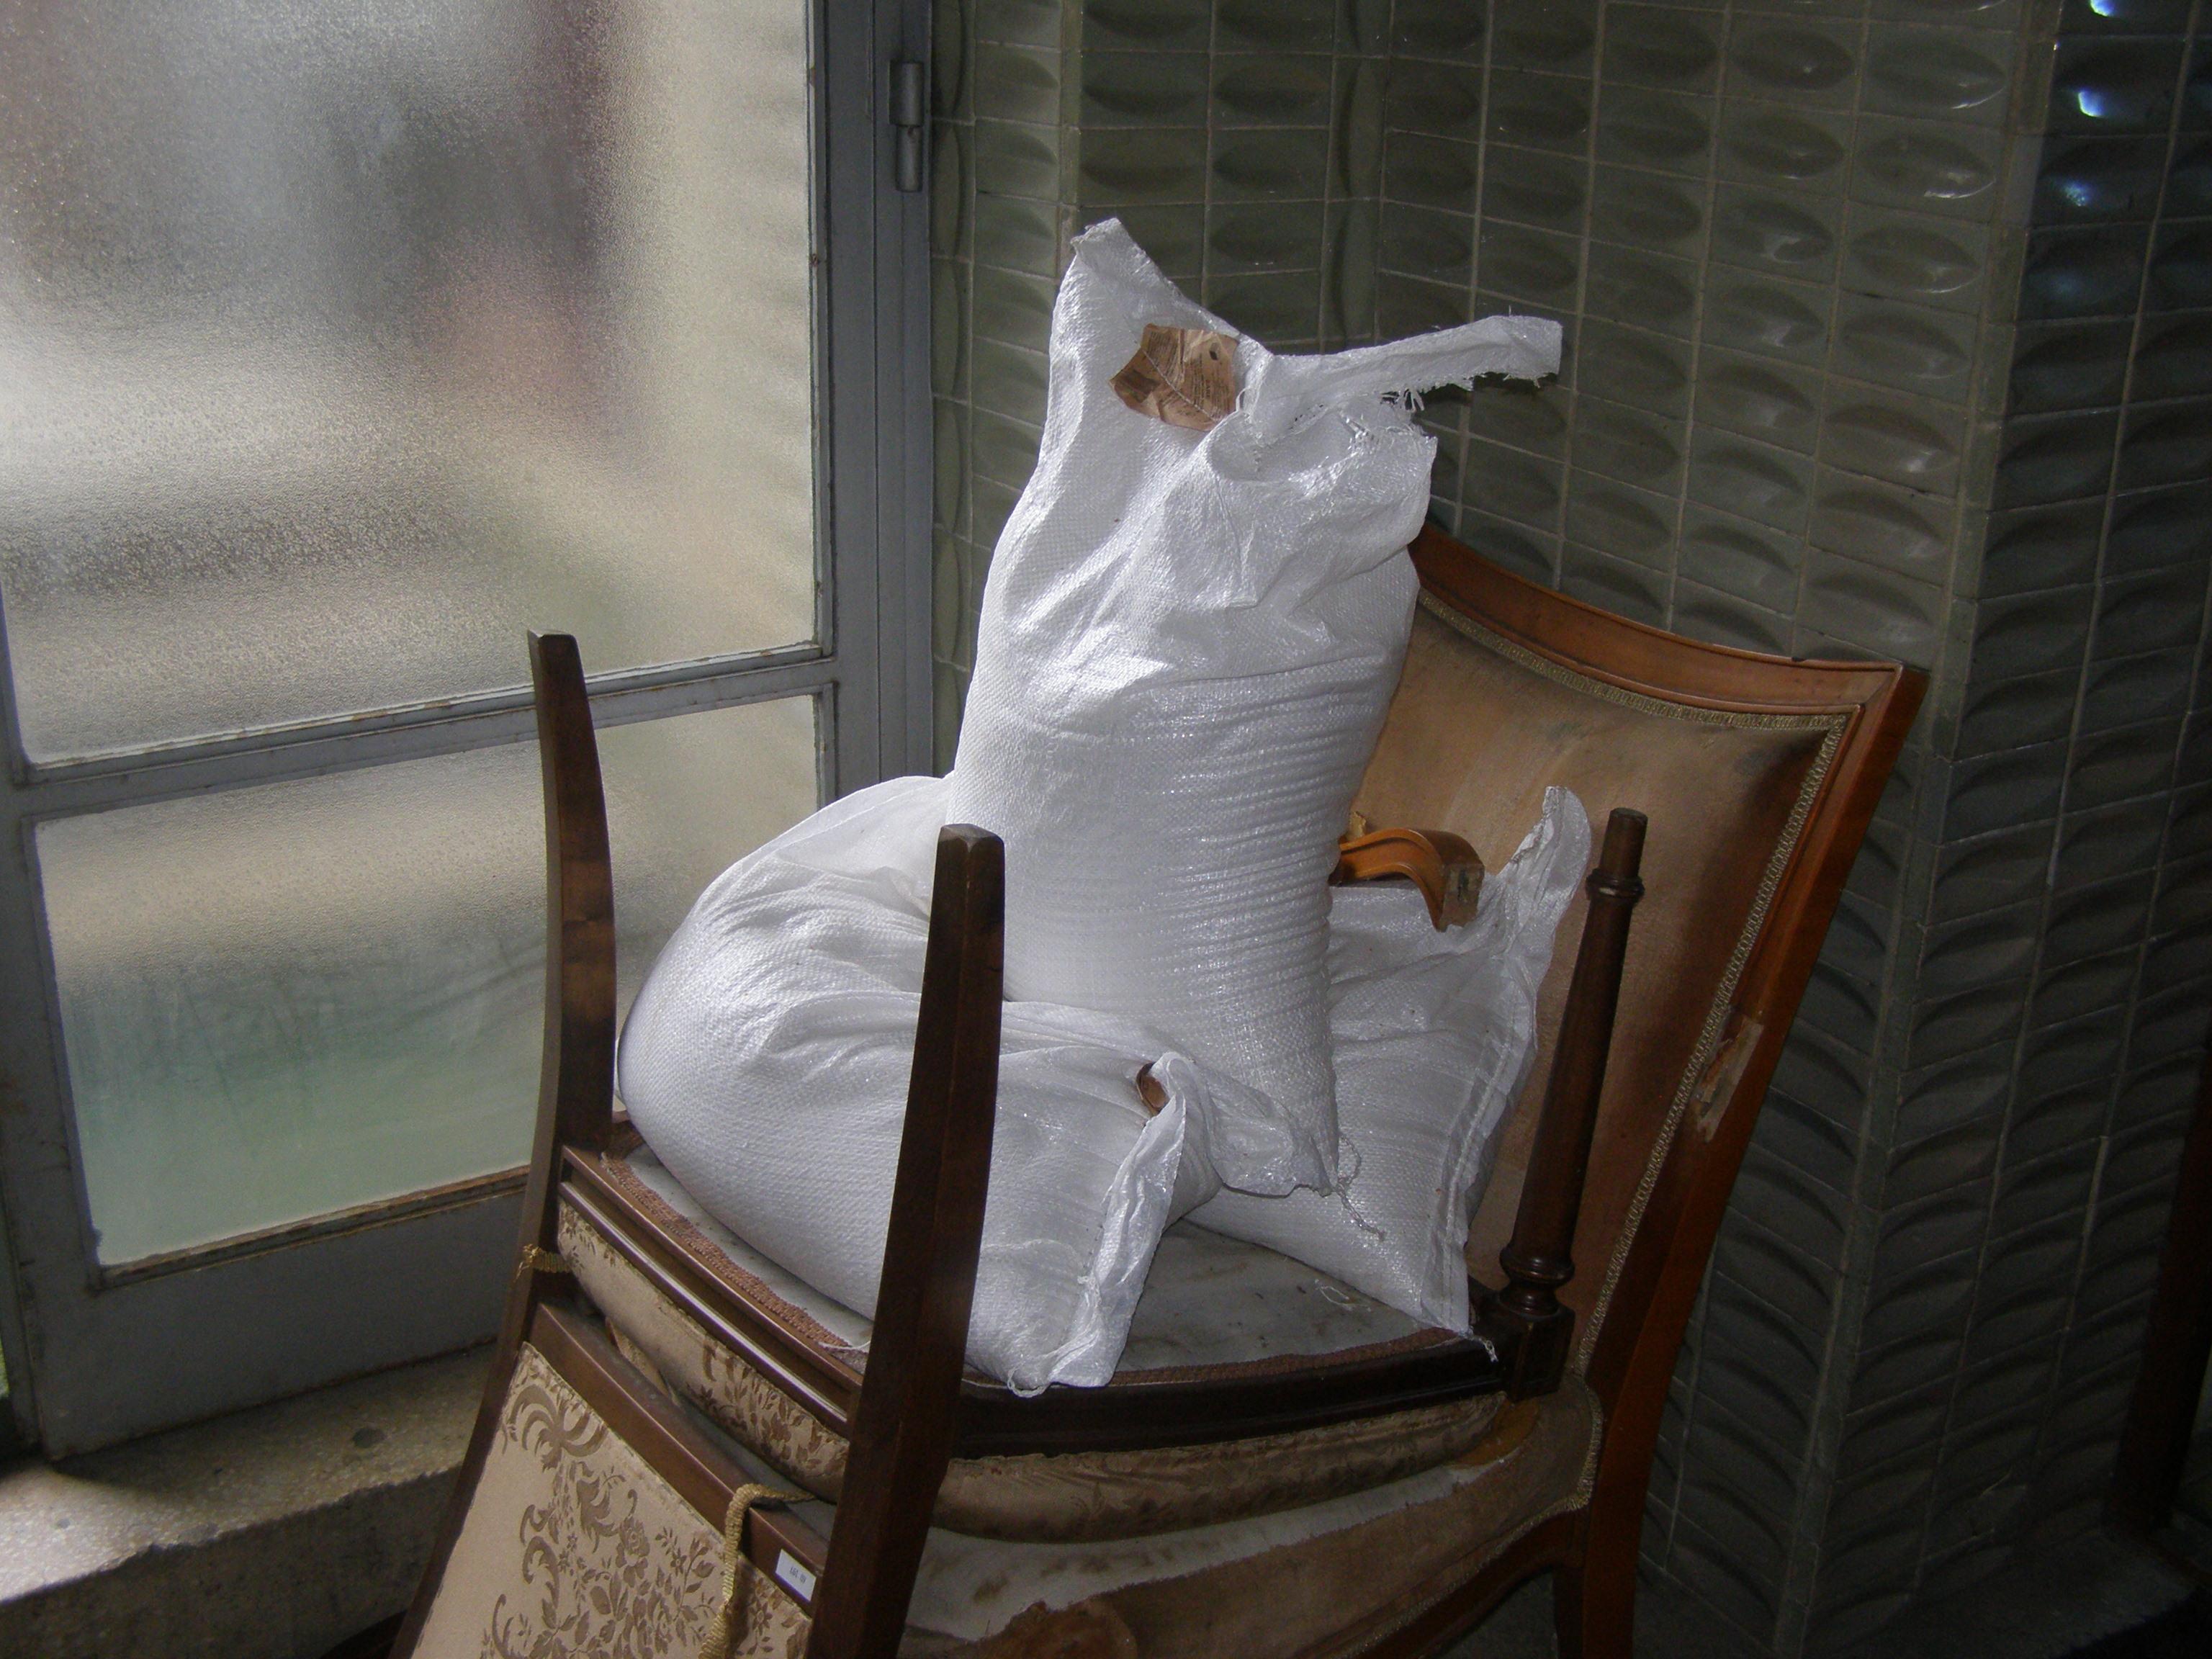 Statul veghează, dear friend: o instituţie cu ştaif (nu spun care, că iar se isterizează tot soiul de tâmpiţi) a cumpărat, de exemplu, trei saci plini cu sare grunjoasă, numai bună s-o presari pe scări, ca să topeasscă gheaţa.